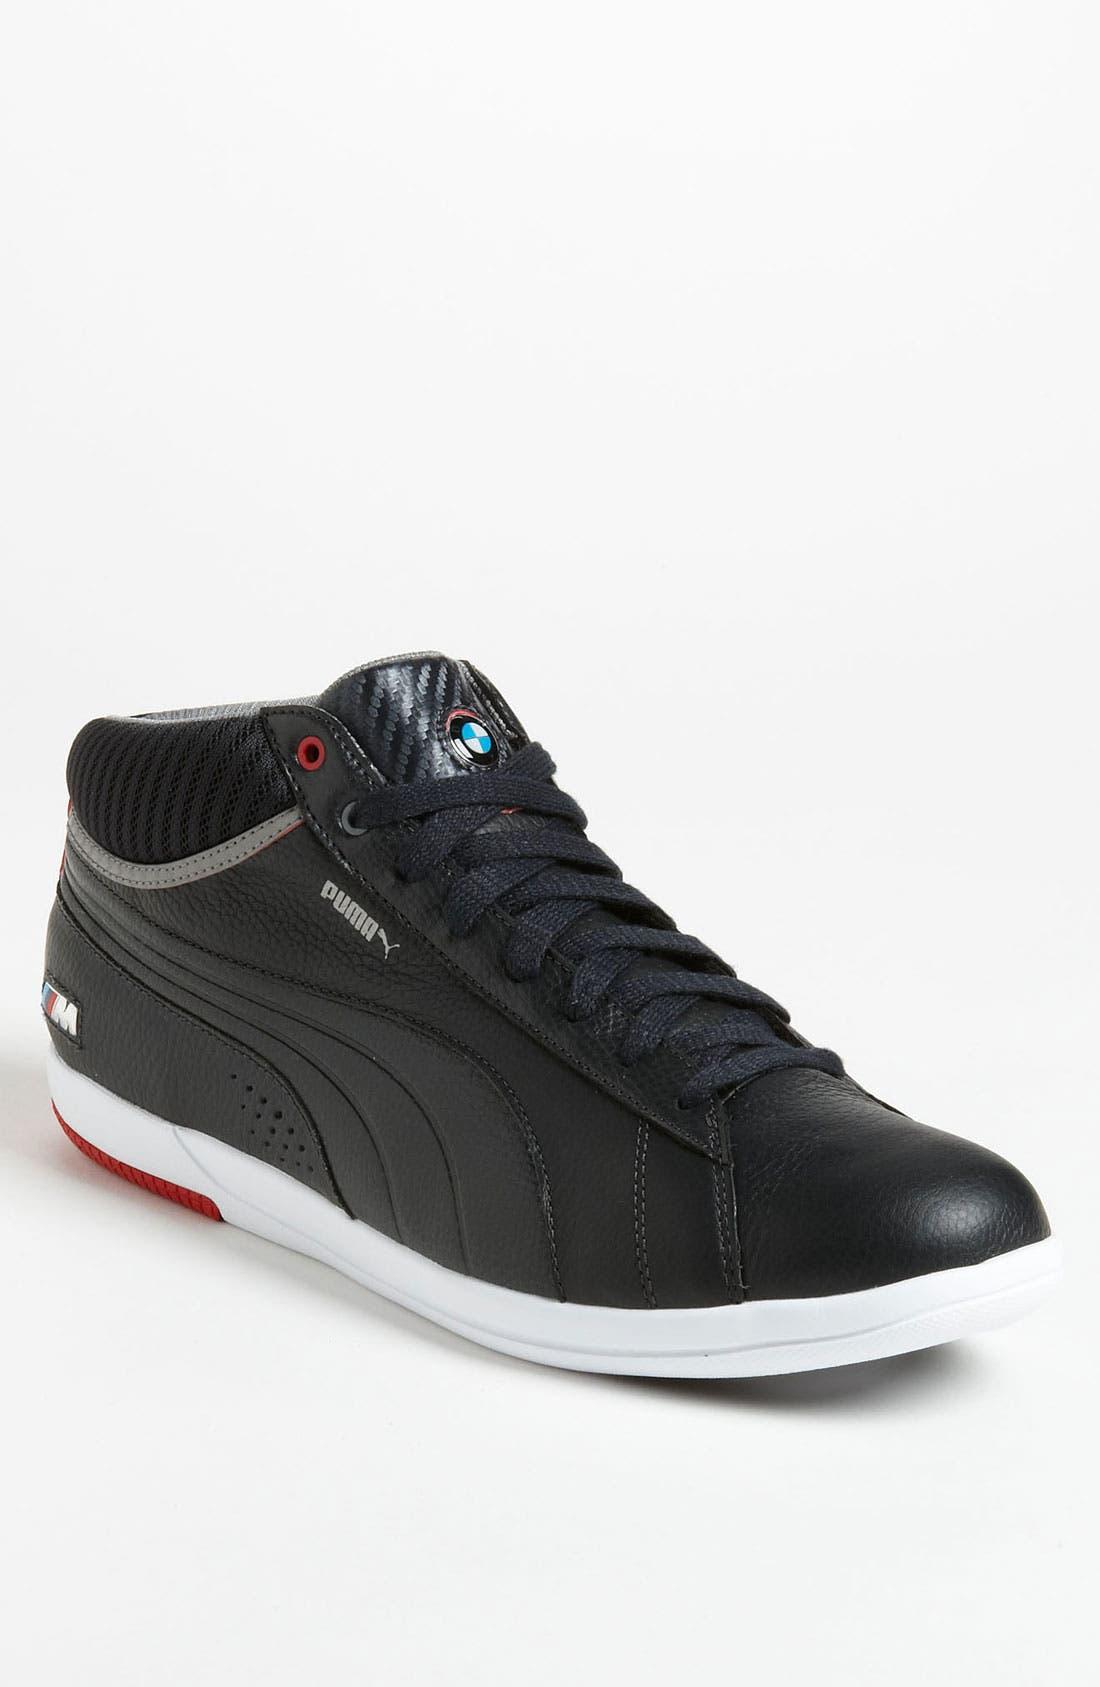 Alternate Image 1 Selected - PUMA 'BMW M Series Mash-Up' Sneaker (Men)